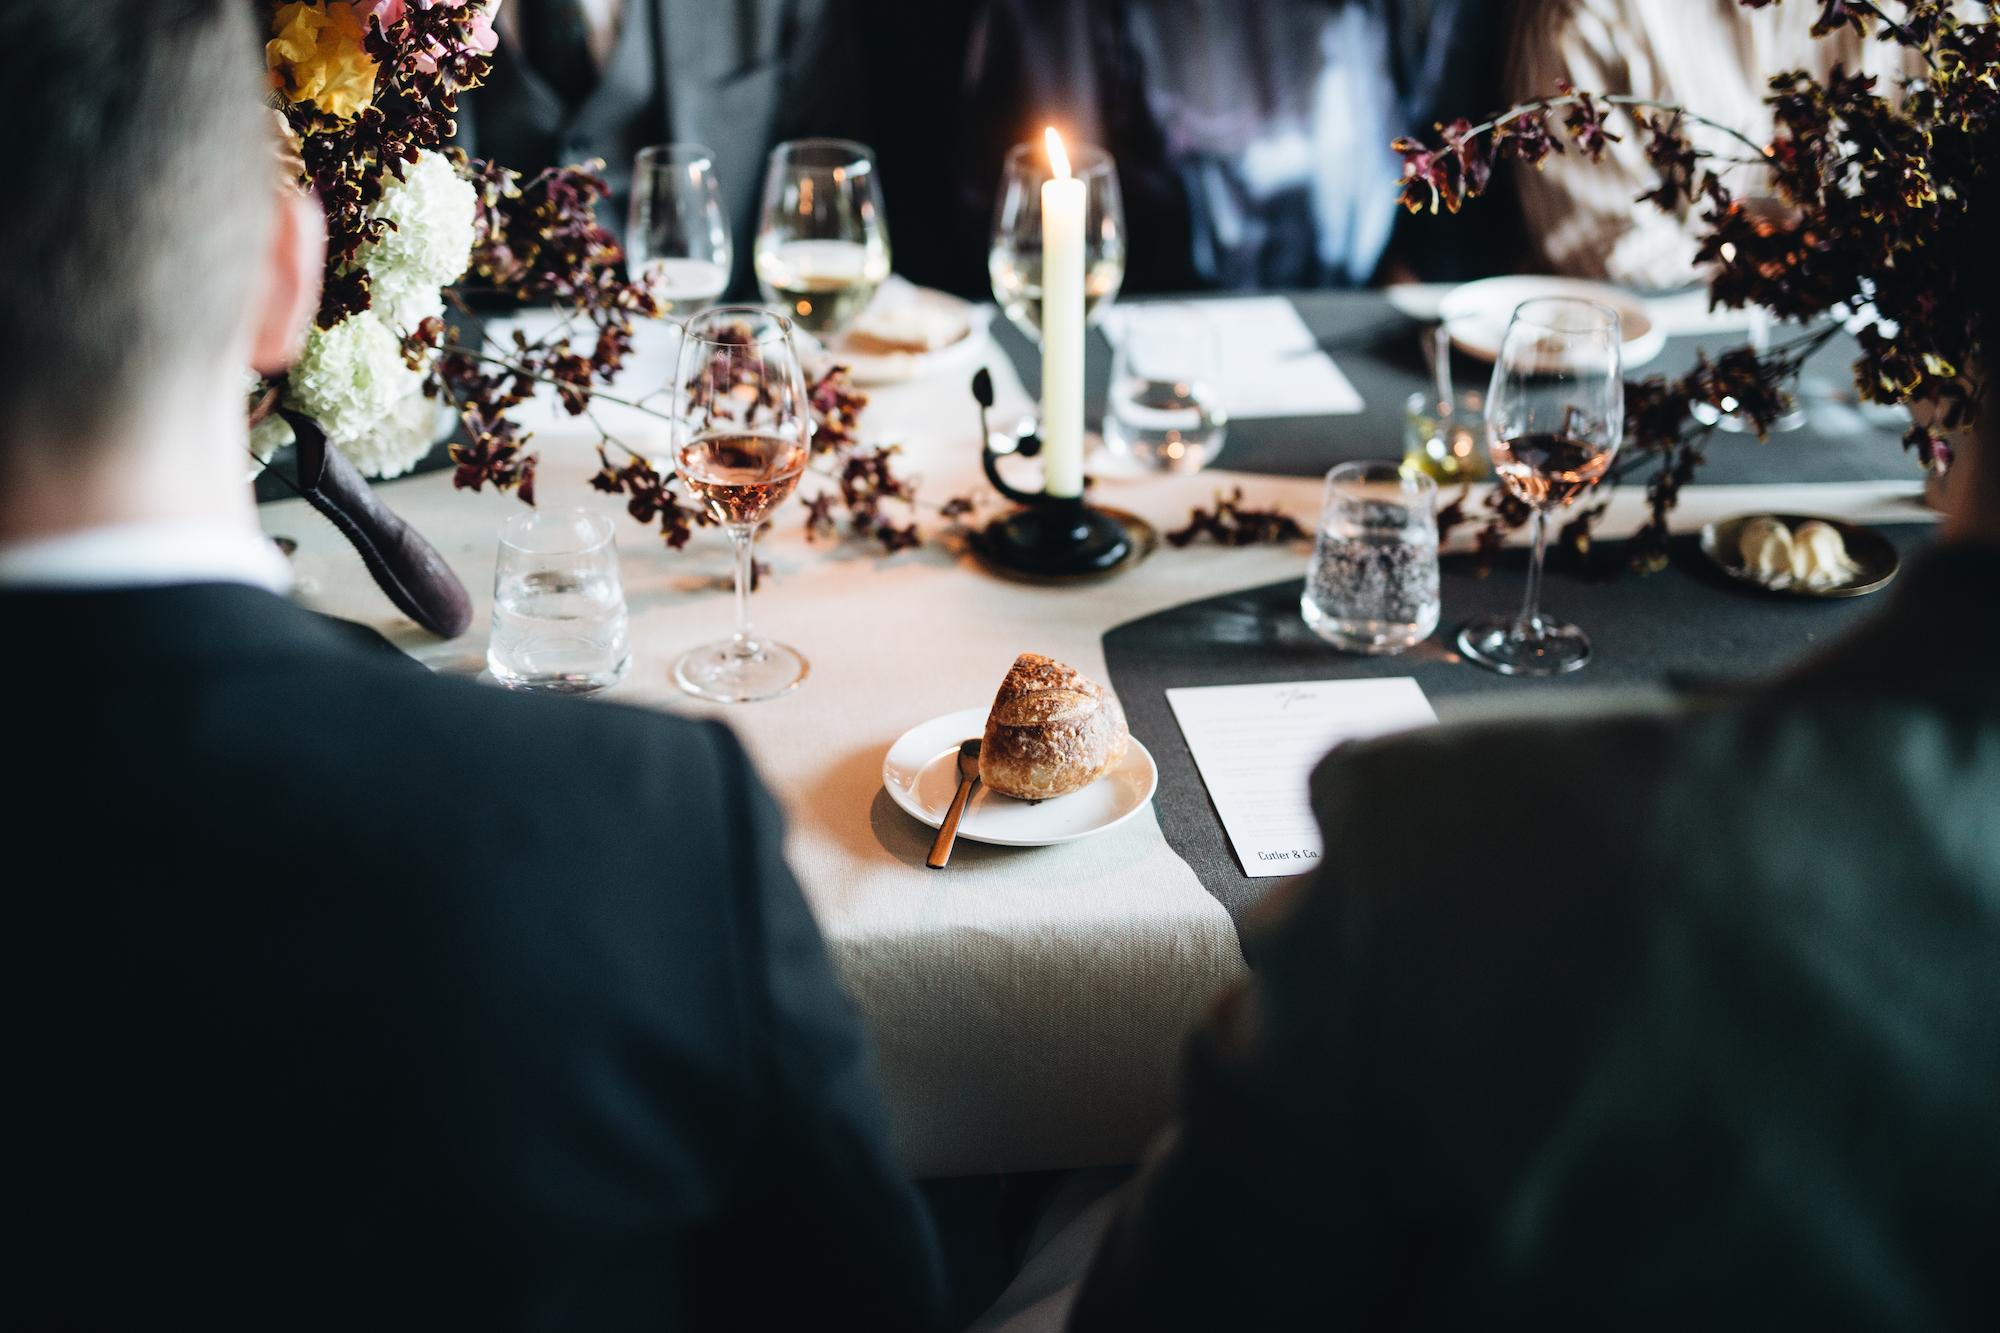 Mitch & Dane_Married 21 Oct 2018_Photo by Savannah van der Niet-228.jpg